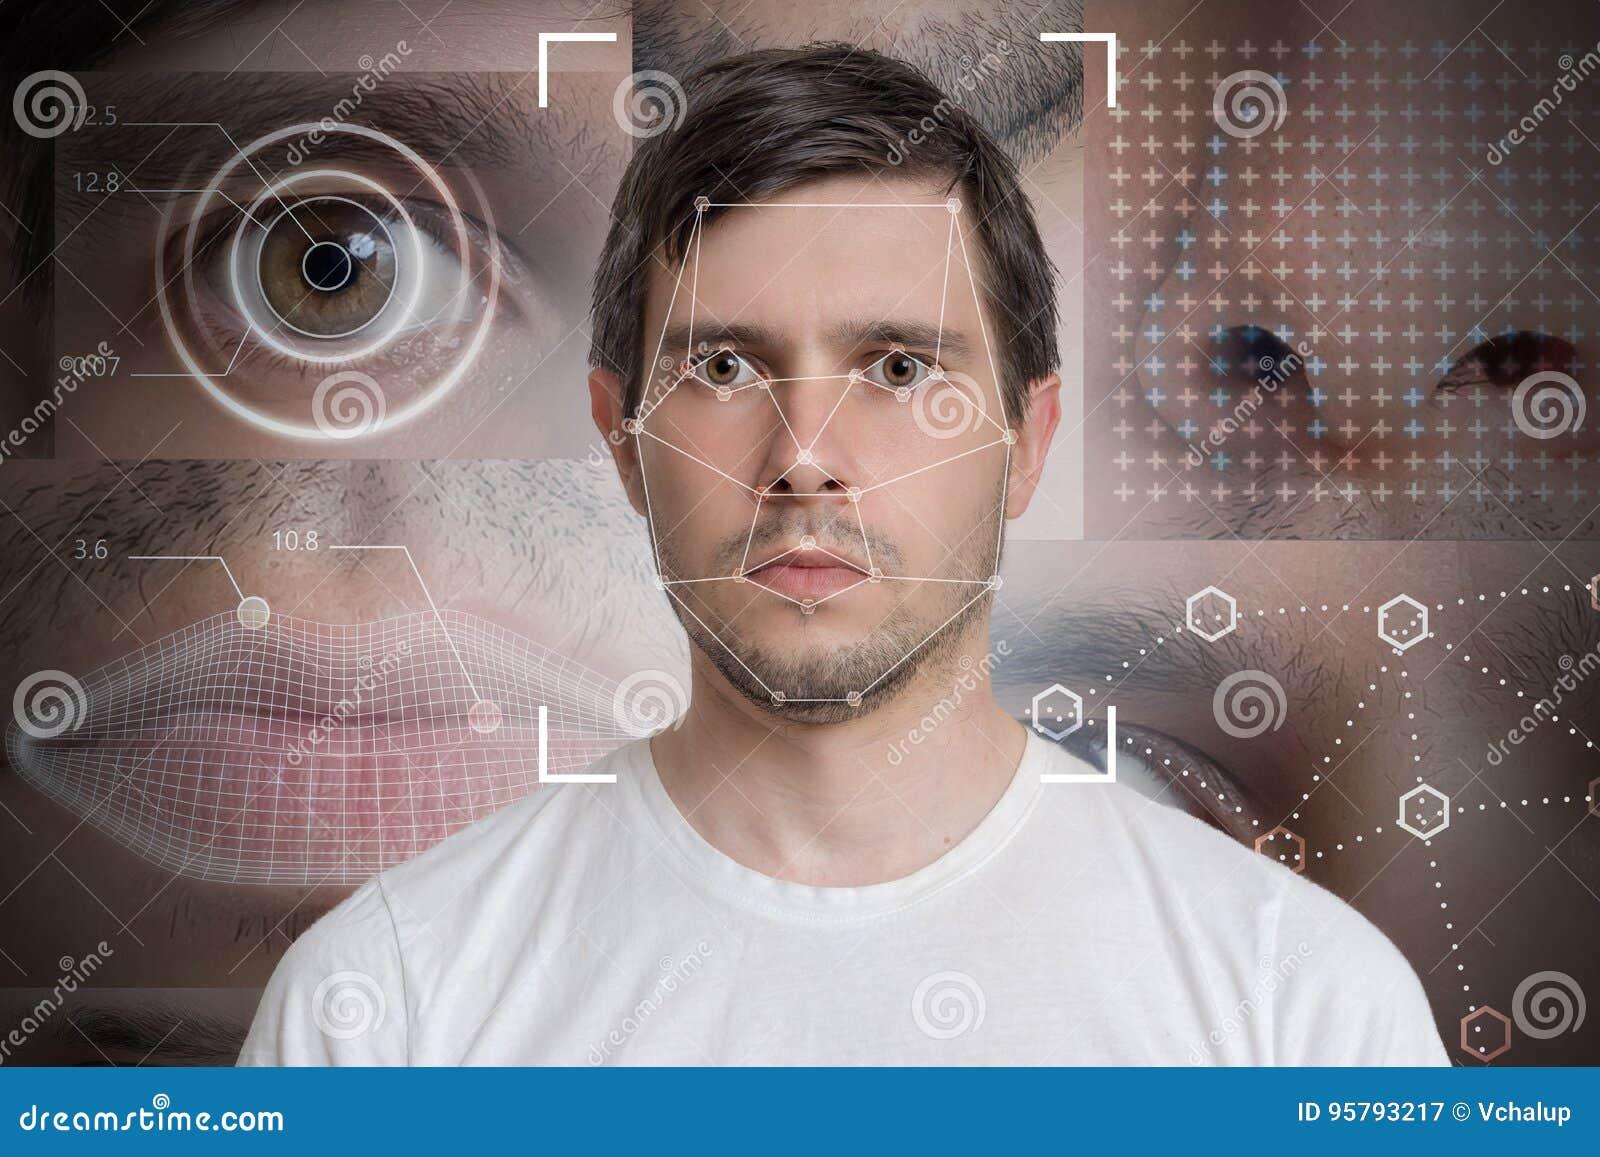 Detecção da cara e reconhecimento do homem Conceito da visão de computador e da aprendizagem de máquina